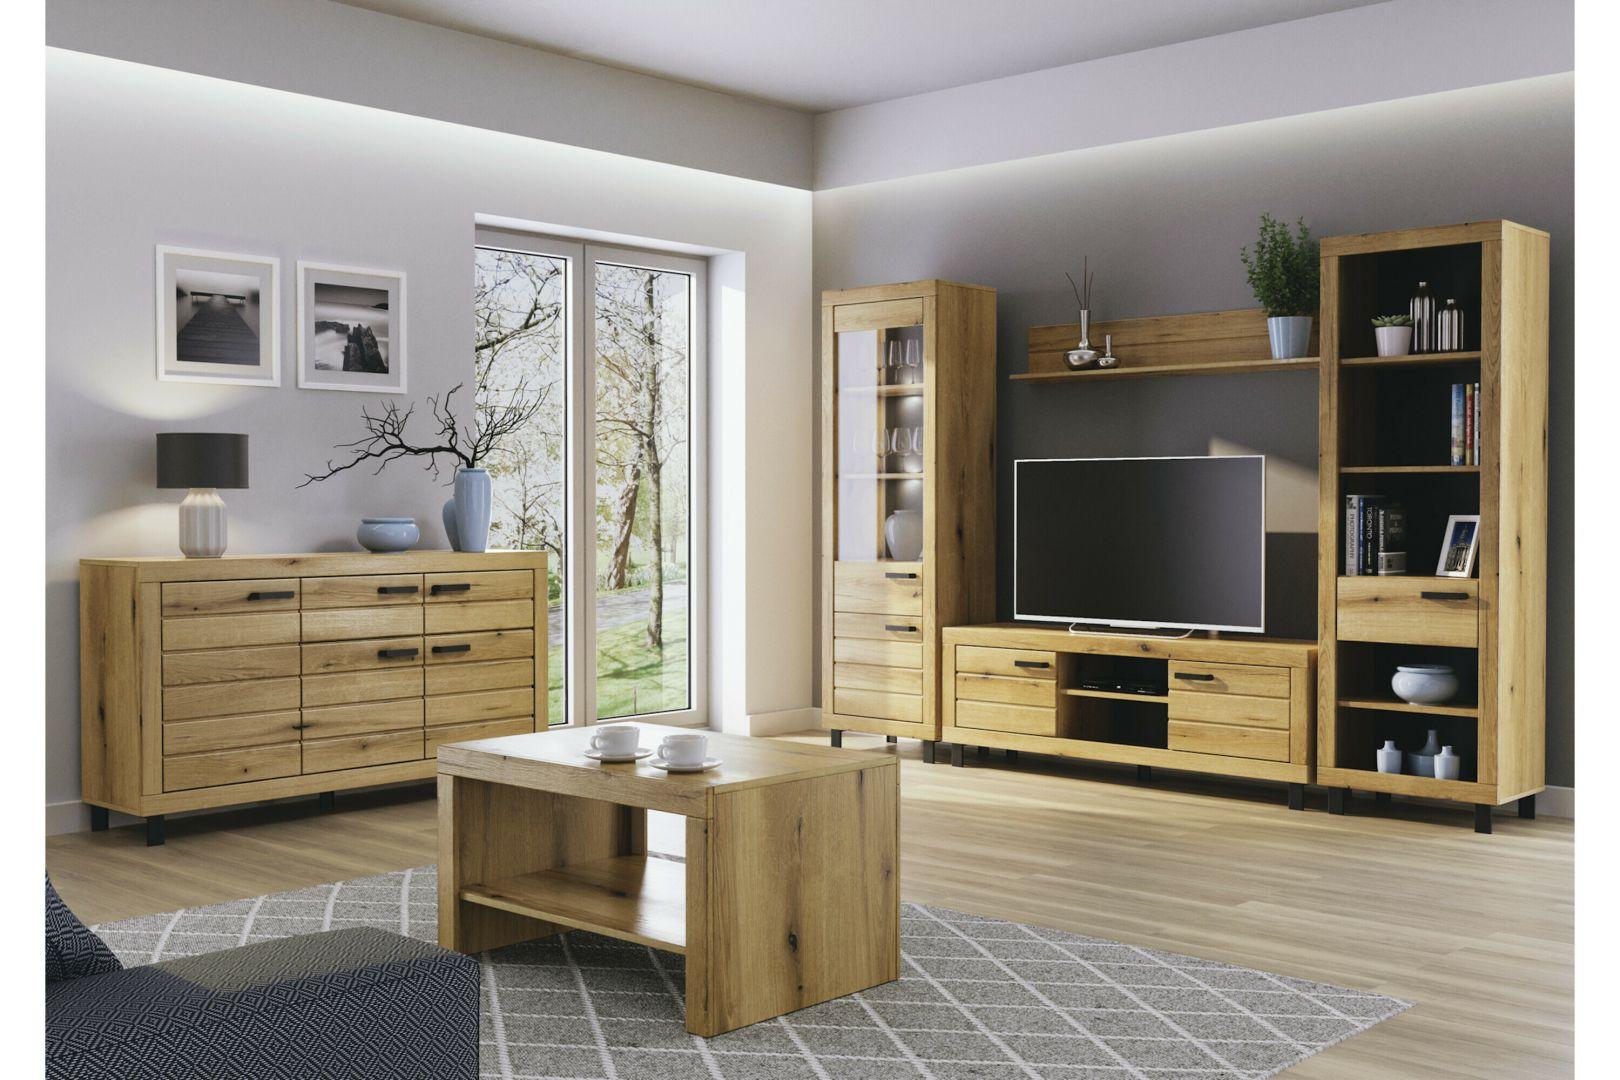 Meble do salonu w kolorze drewna z kolekcji Dever. Dostępne w Salonach Agata. Fot. Salony Agata